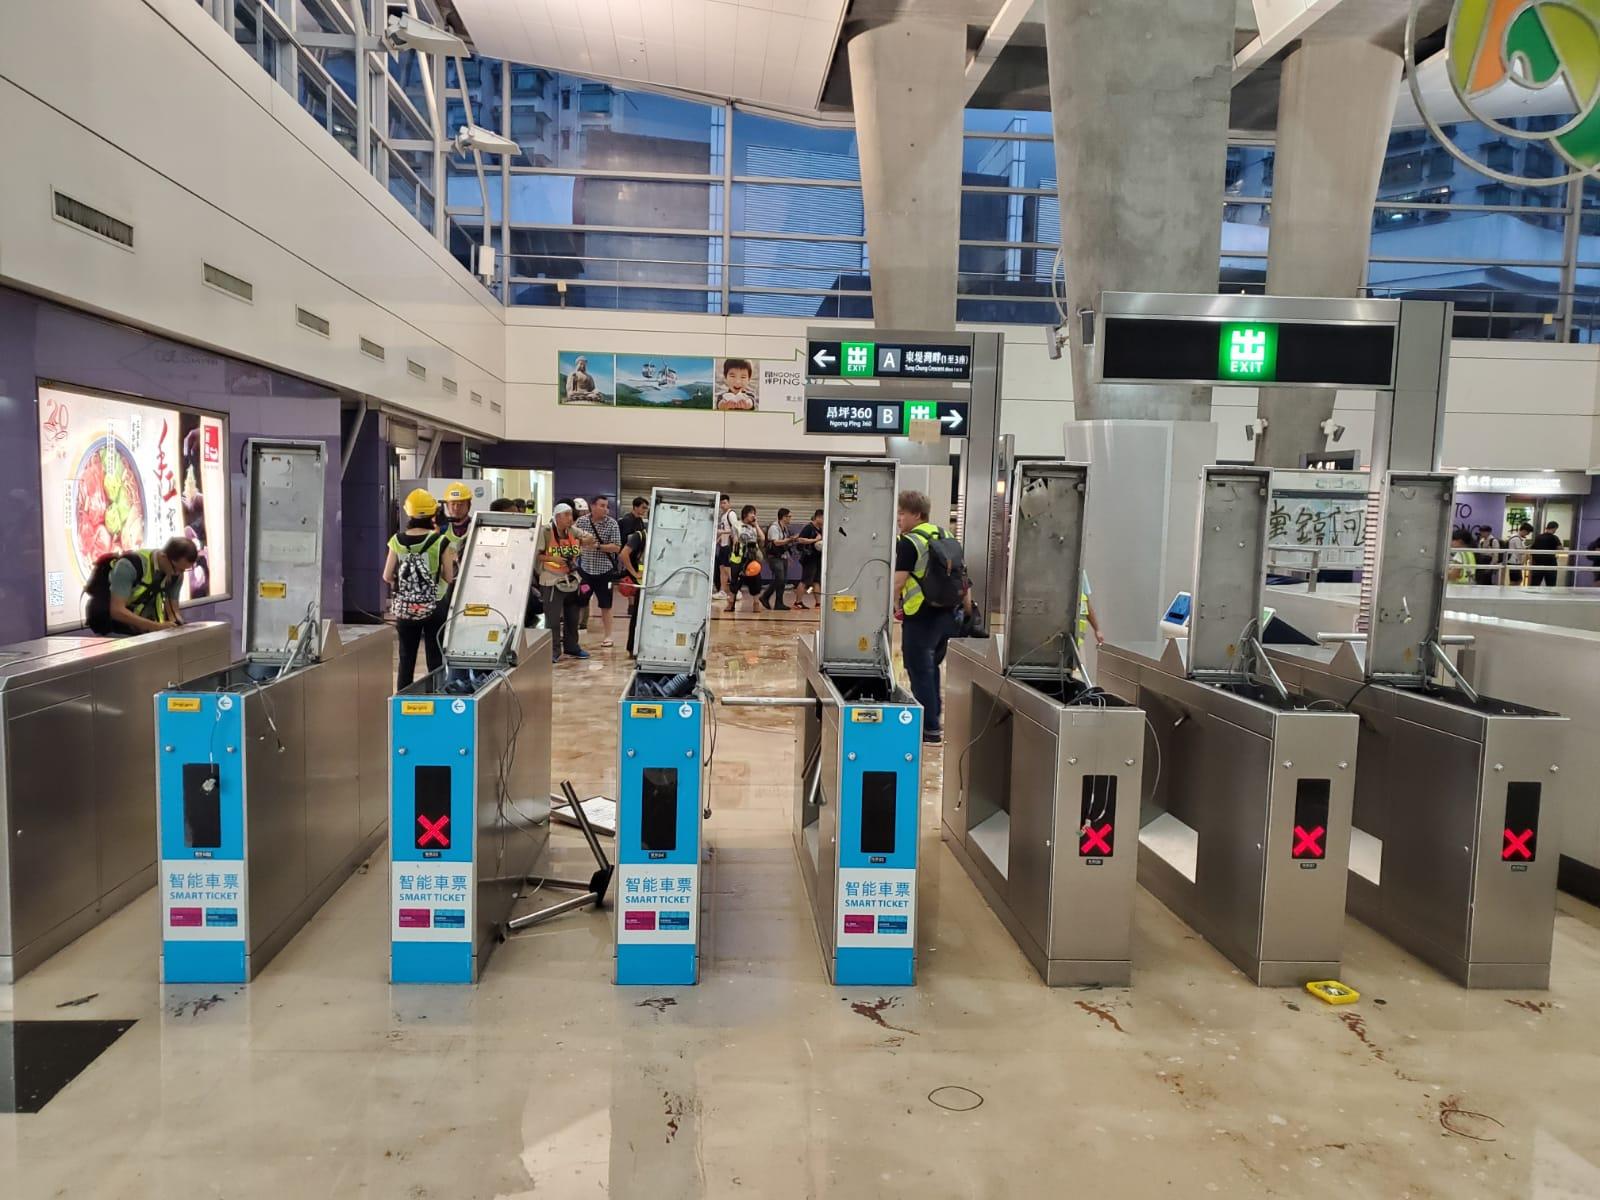 港鐵所有車站今正常開放 東涌站個別出入口關閉